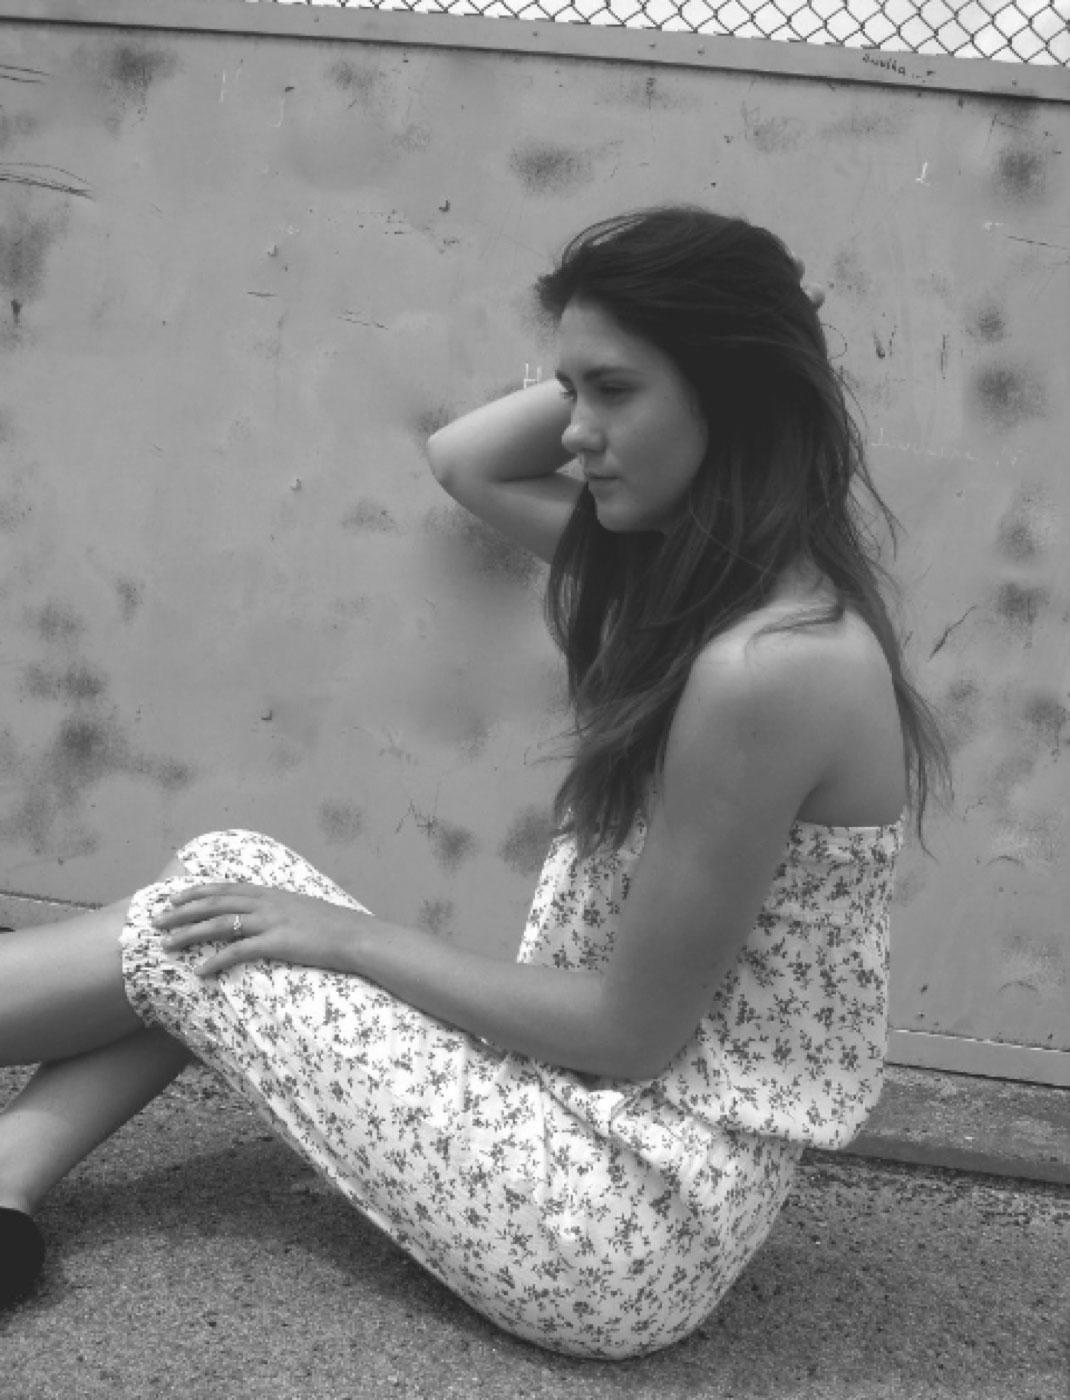 Daraia-Miss-pajeczno_4